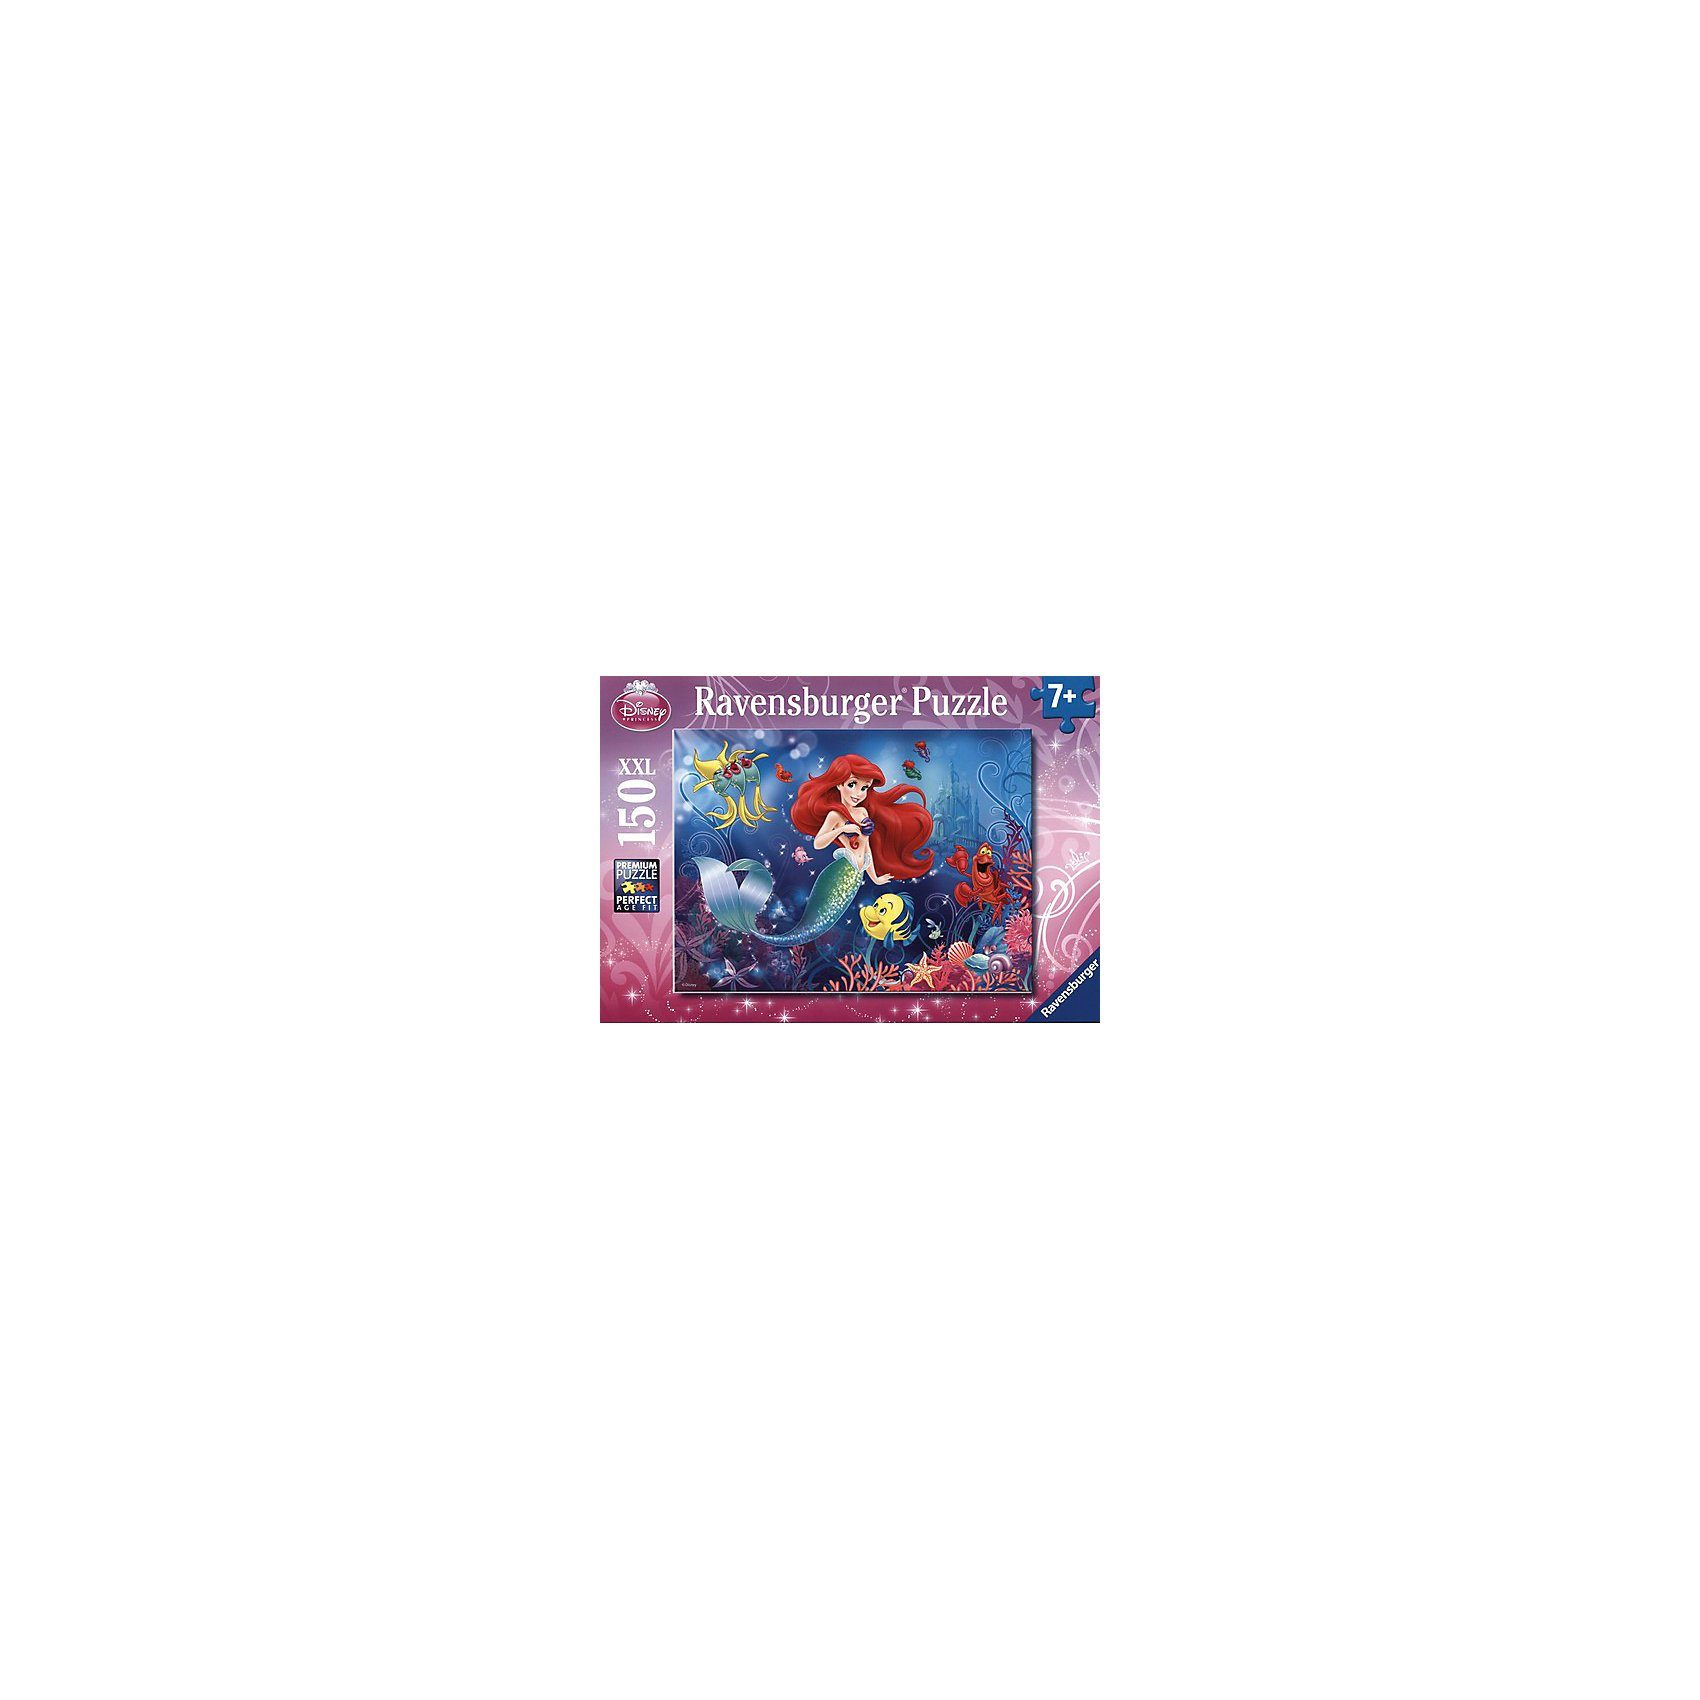 Ravensburger Puzzle 150 Teile - Disney Princess: Alle lieben Arielle